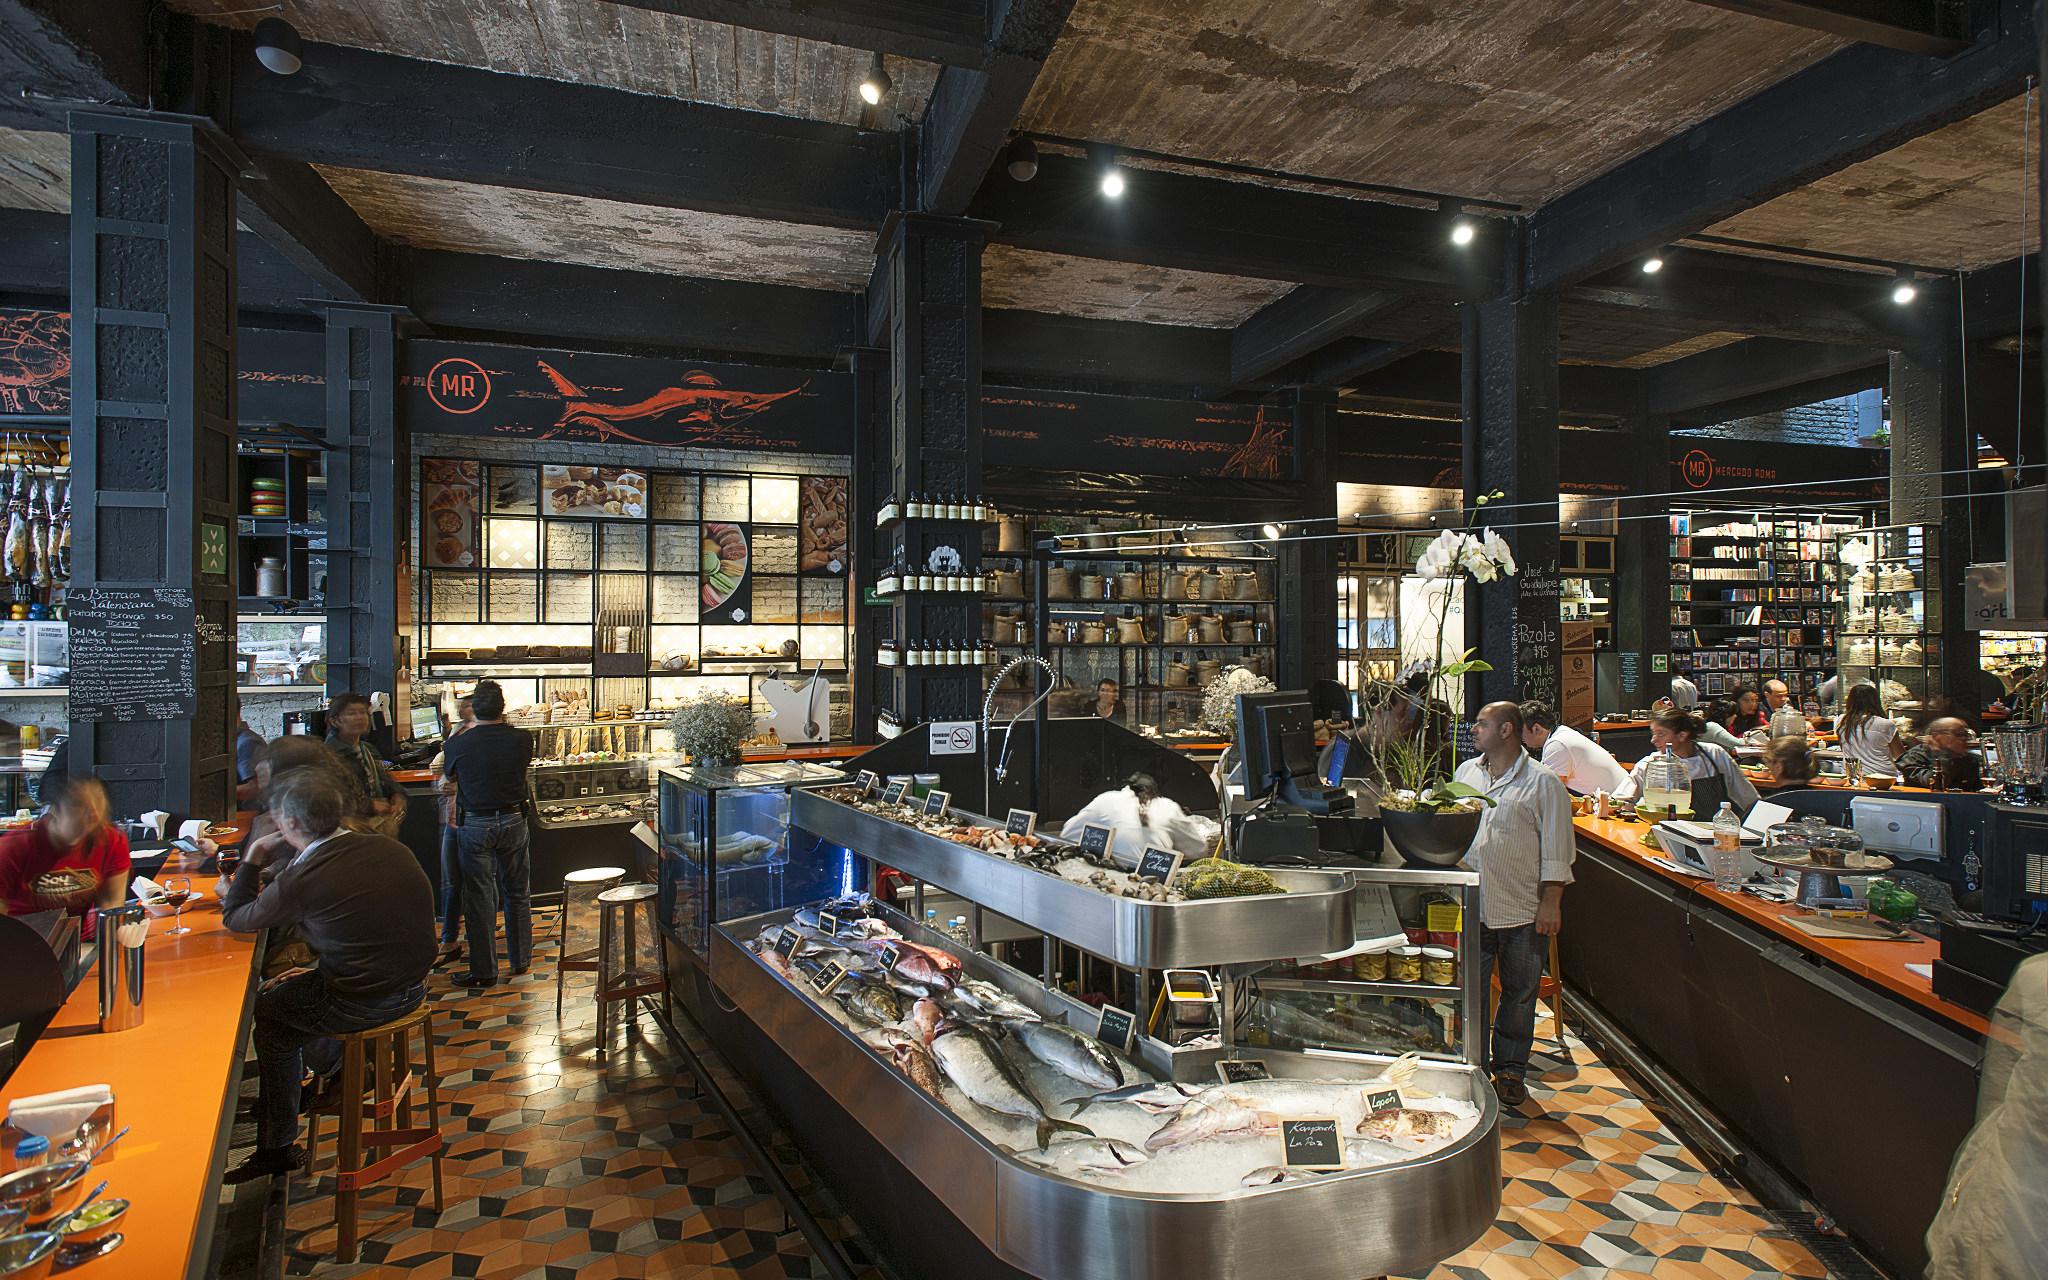 Mercado Roma Mexico City Mexico Echochamber